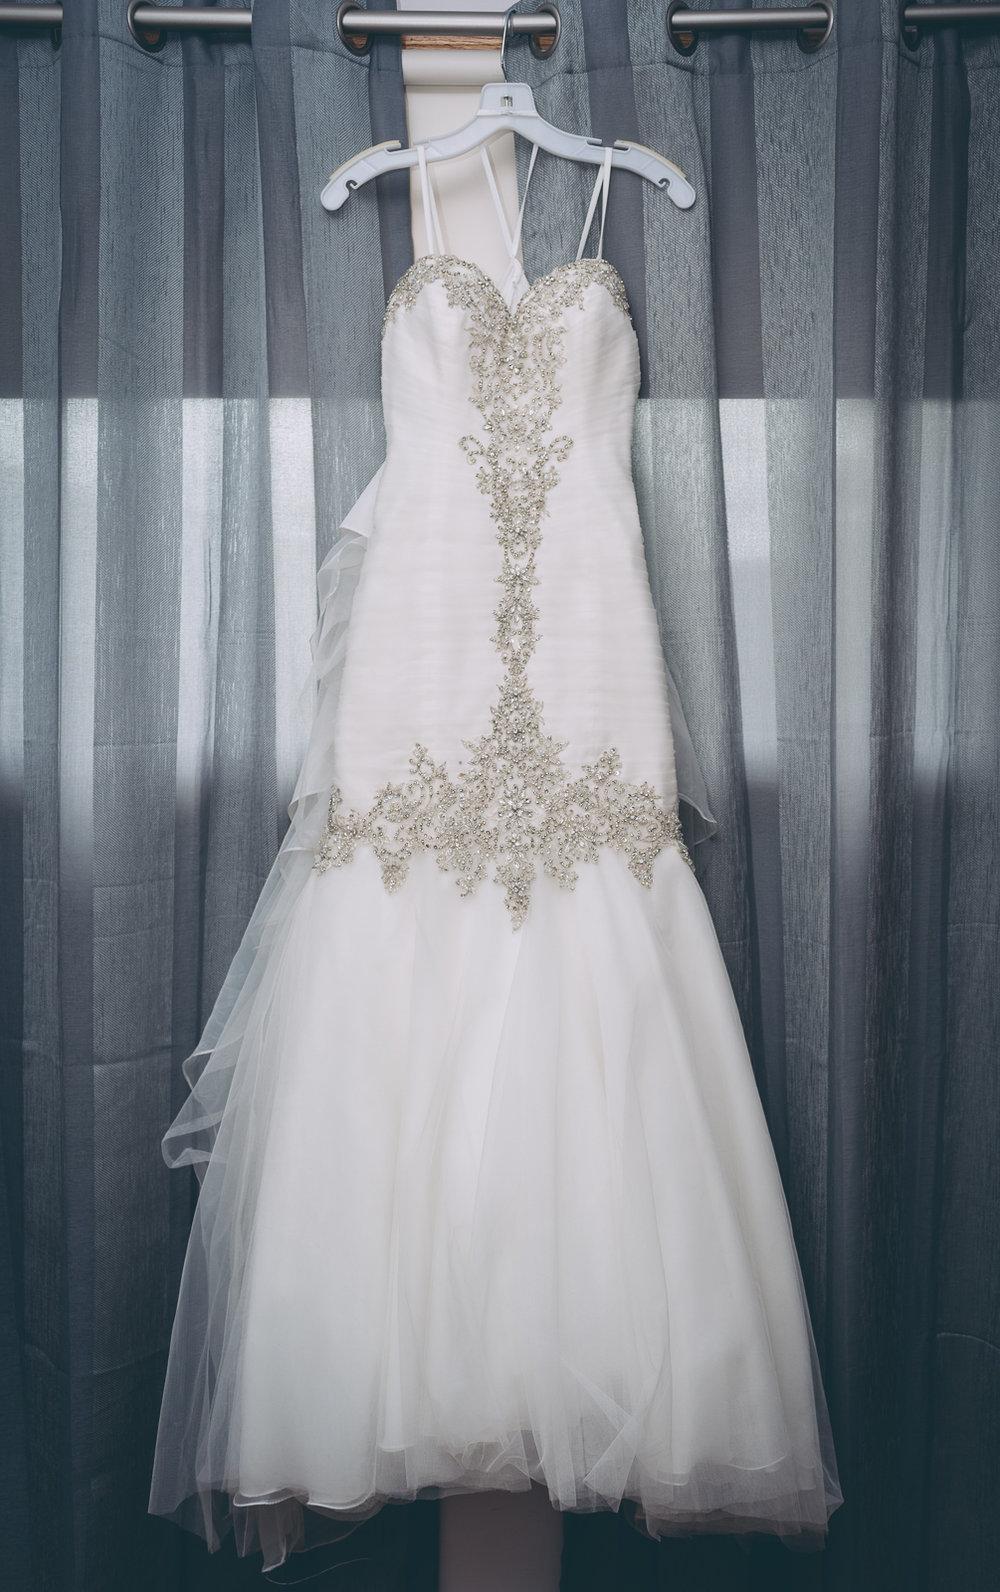 dan-josie-wedding-blog-15.jpg